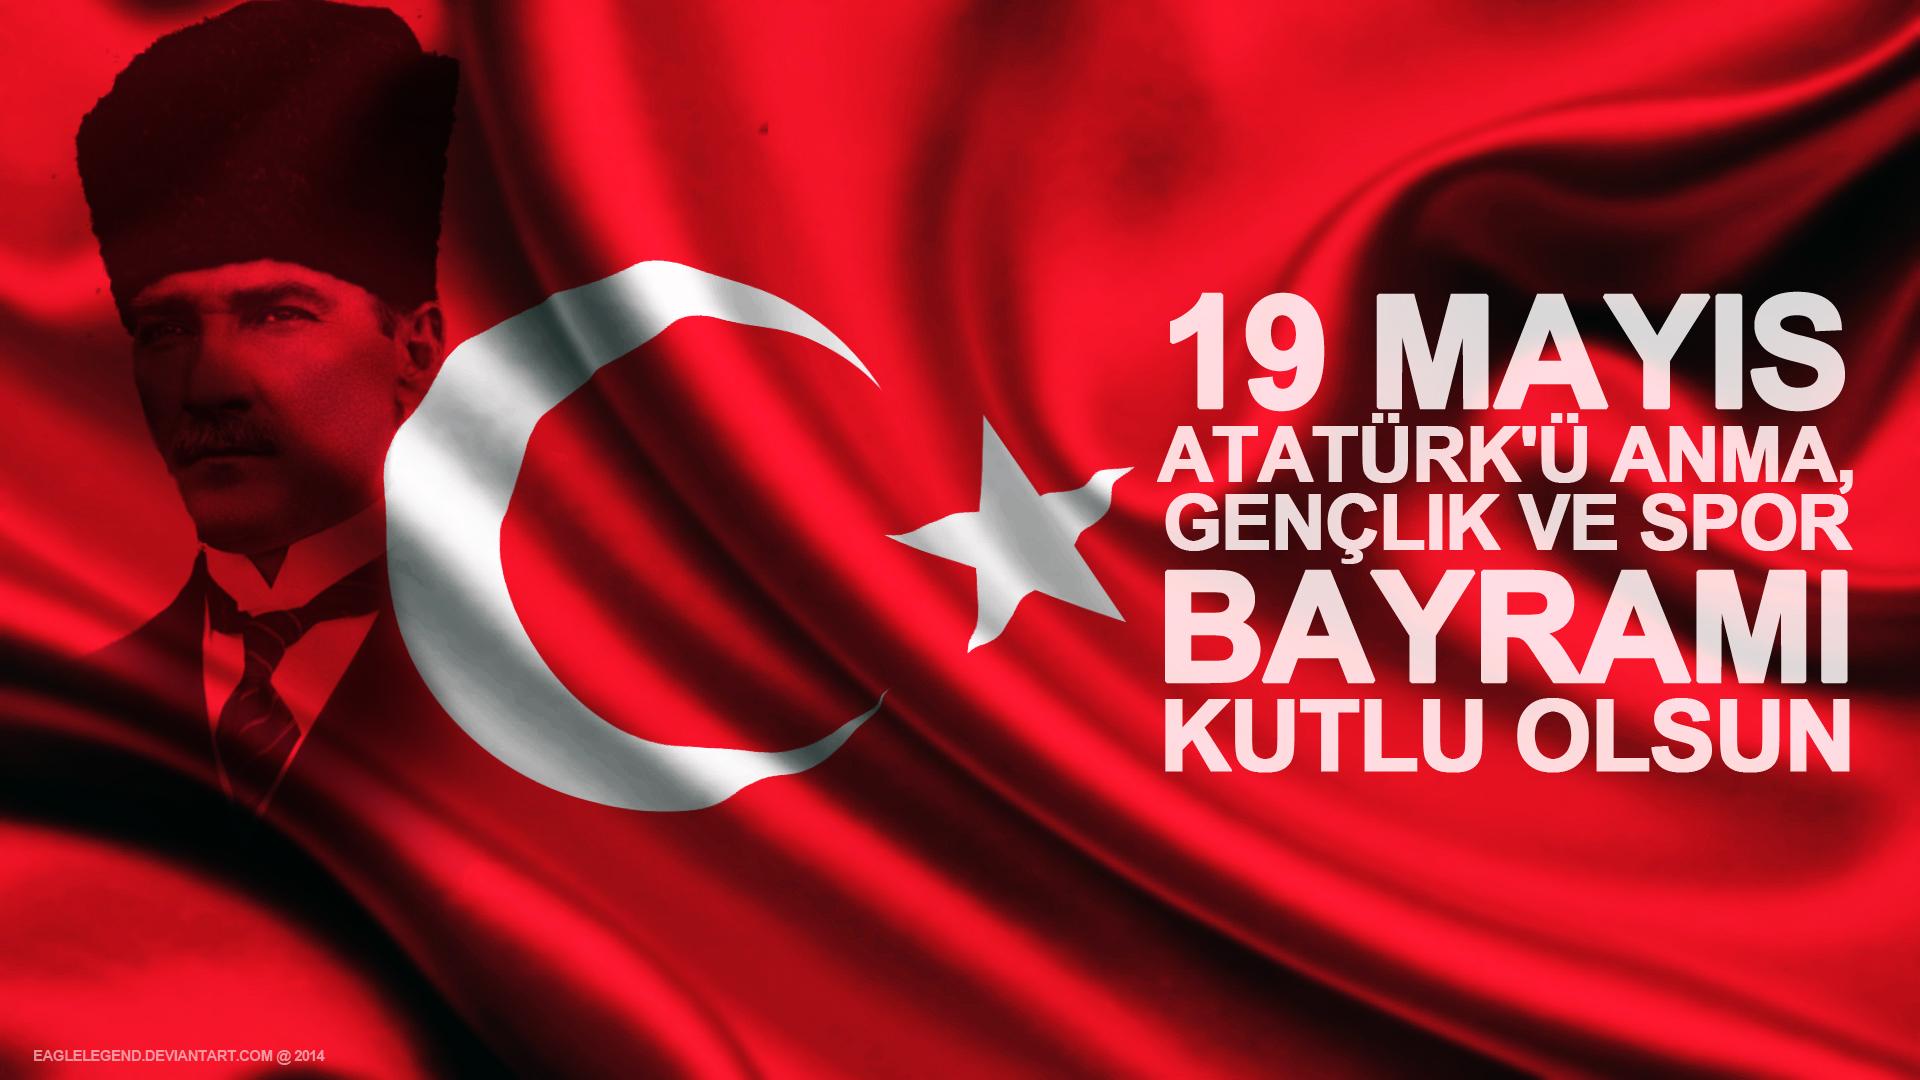 19-Mayis-Resimleri-6 !9 Mayıs Atatürk ü anma ve gençlik Bayramı.jpg